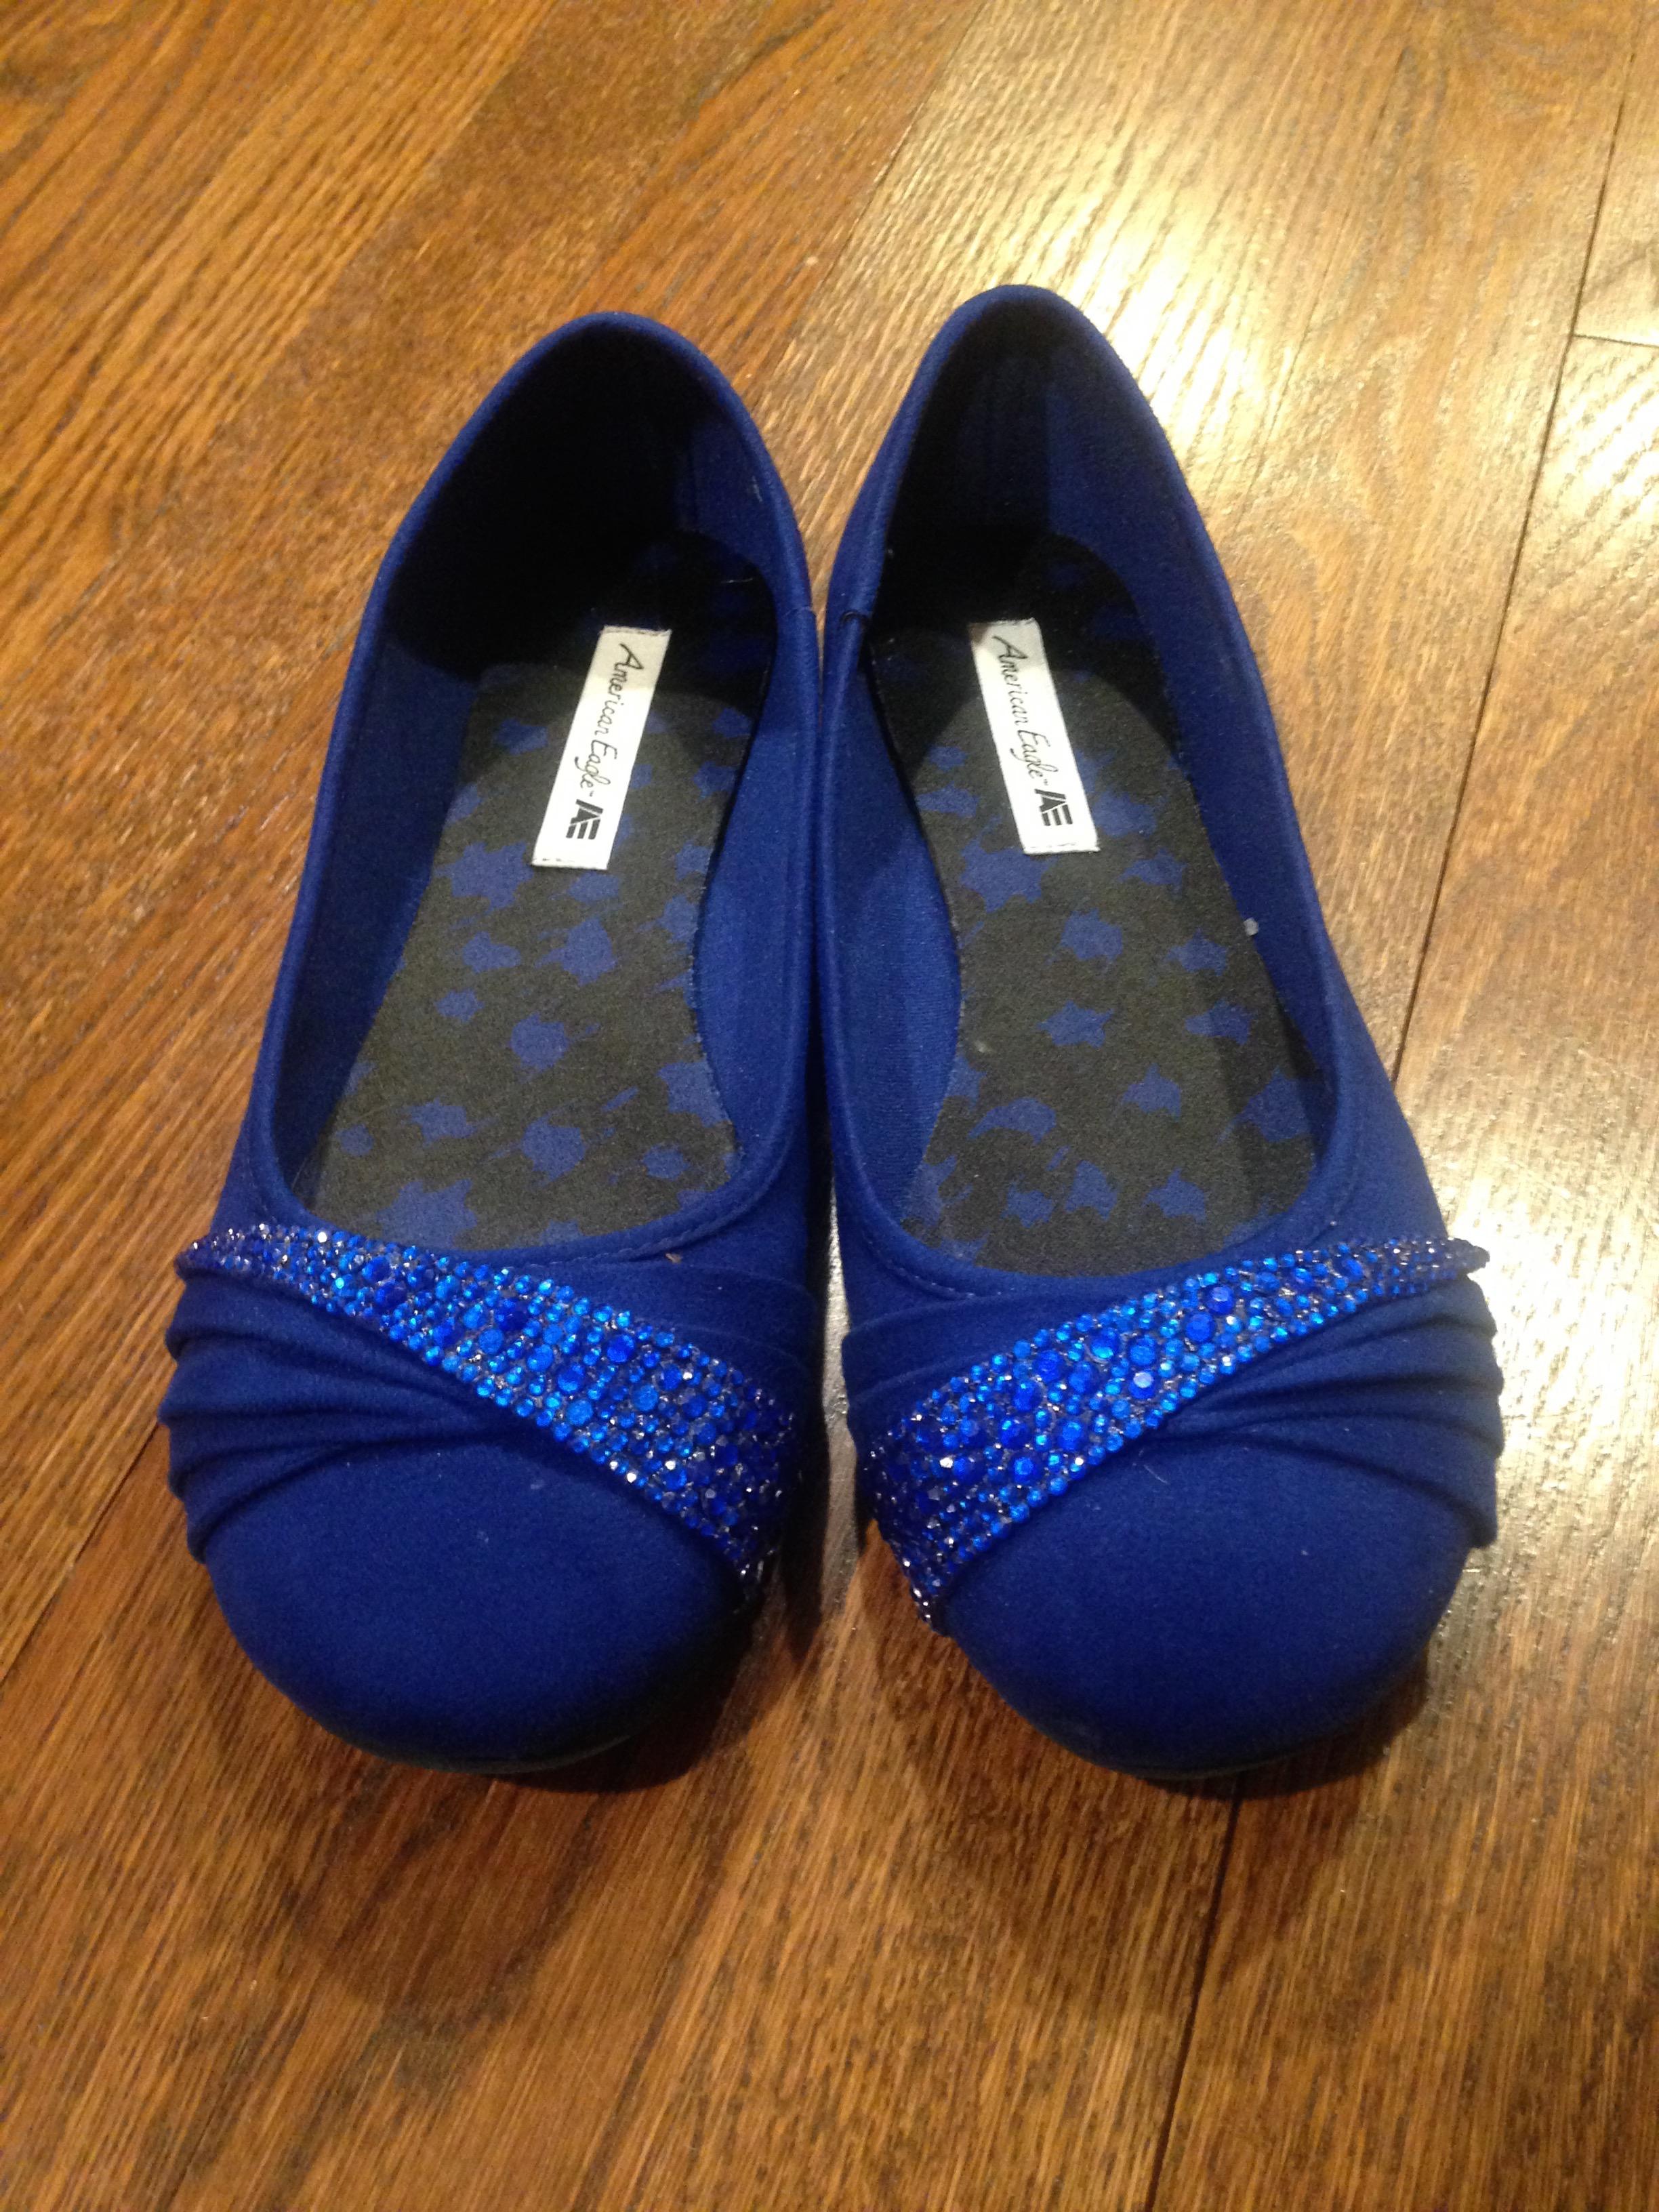 Esta chica le hizo a su hermana unos zapatos para el baile